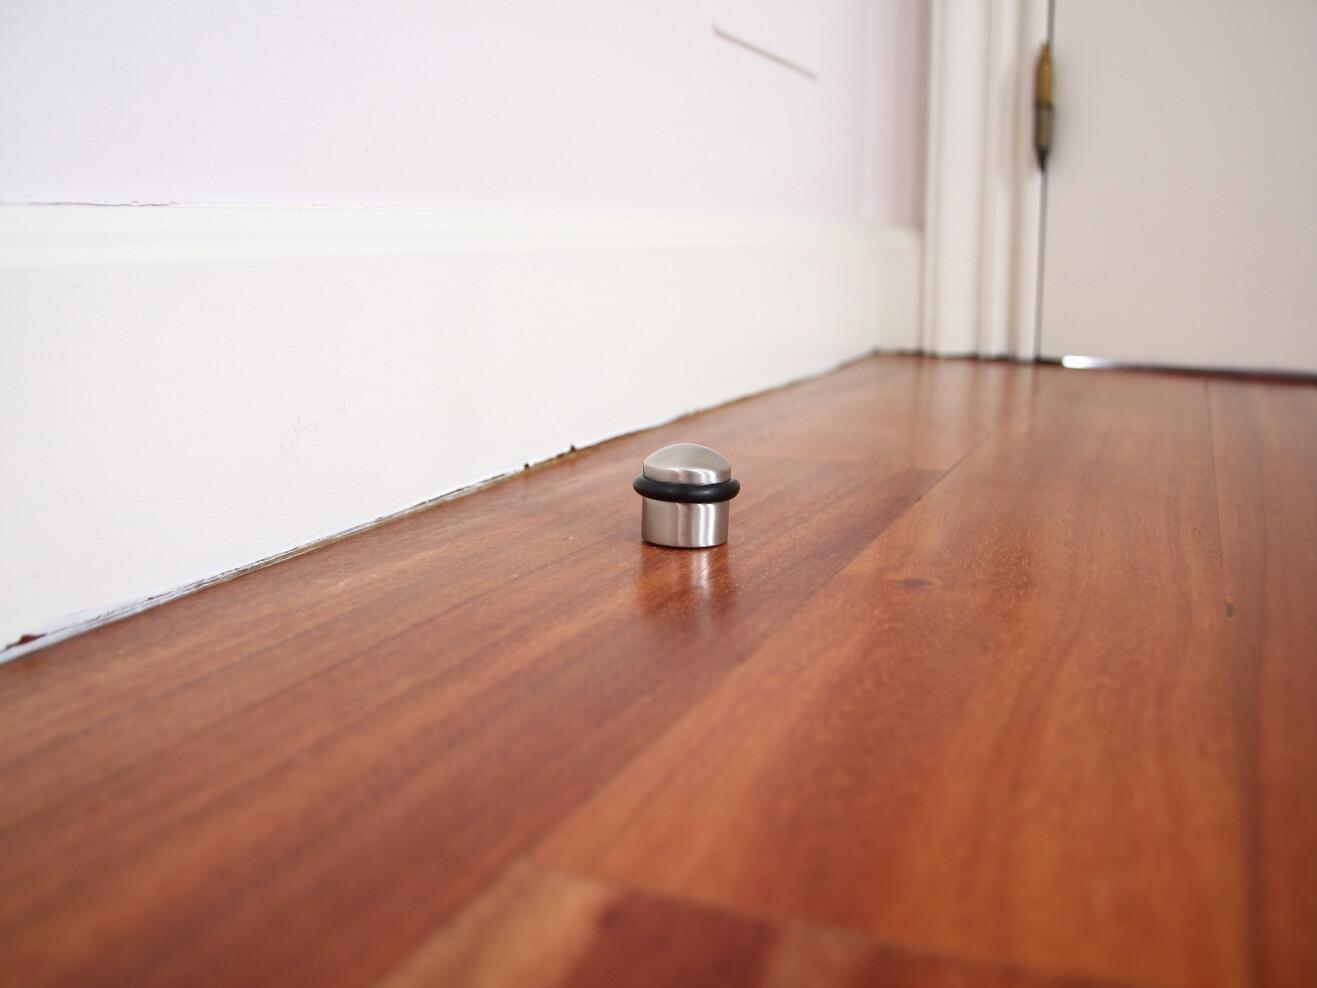 Tope de puerta sobre suelo de madera